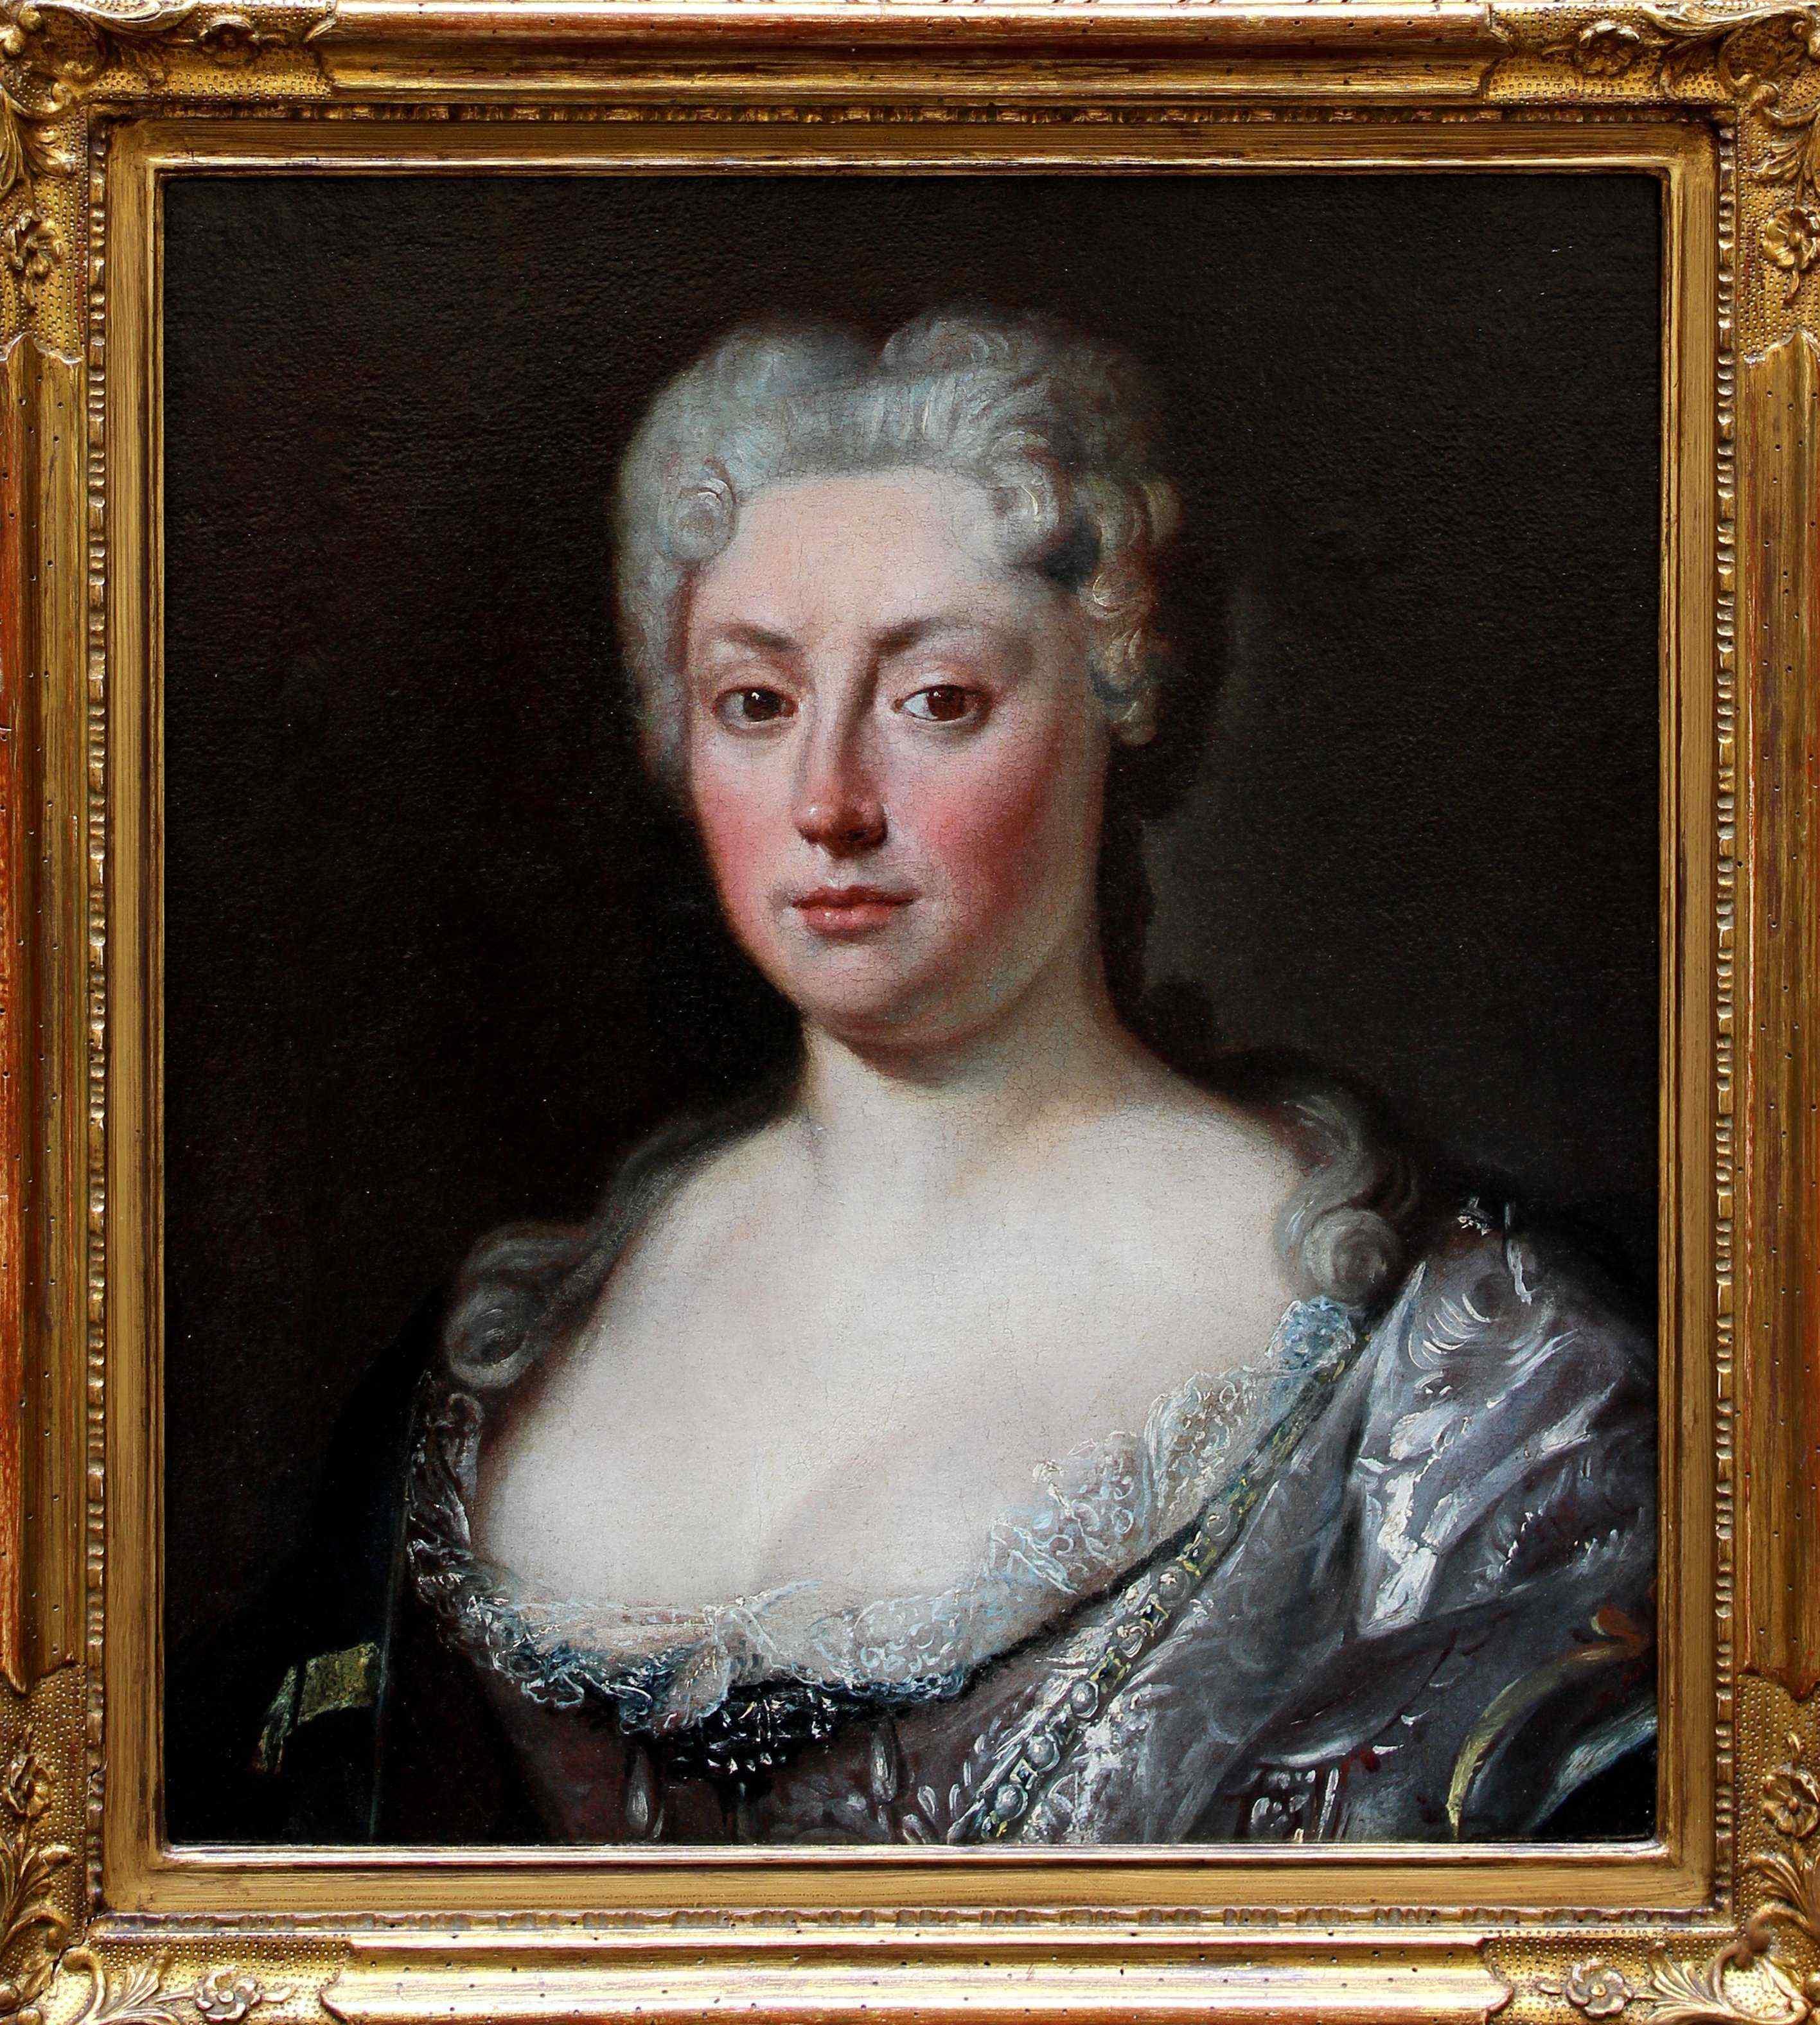 GIACOMO CERUTI (1698 - 1767), RITRATTO DI DAMA, OLIO SU TELA